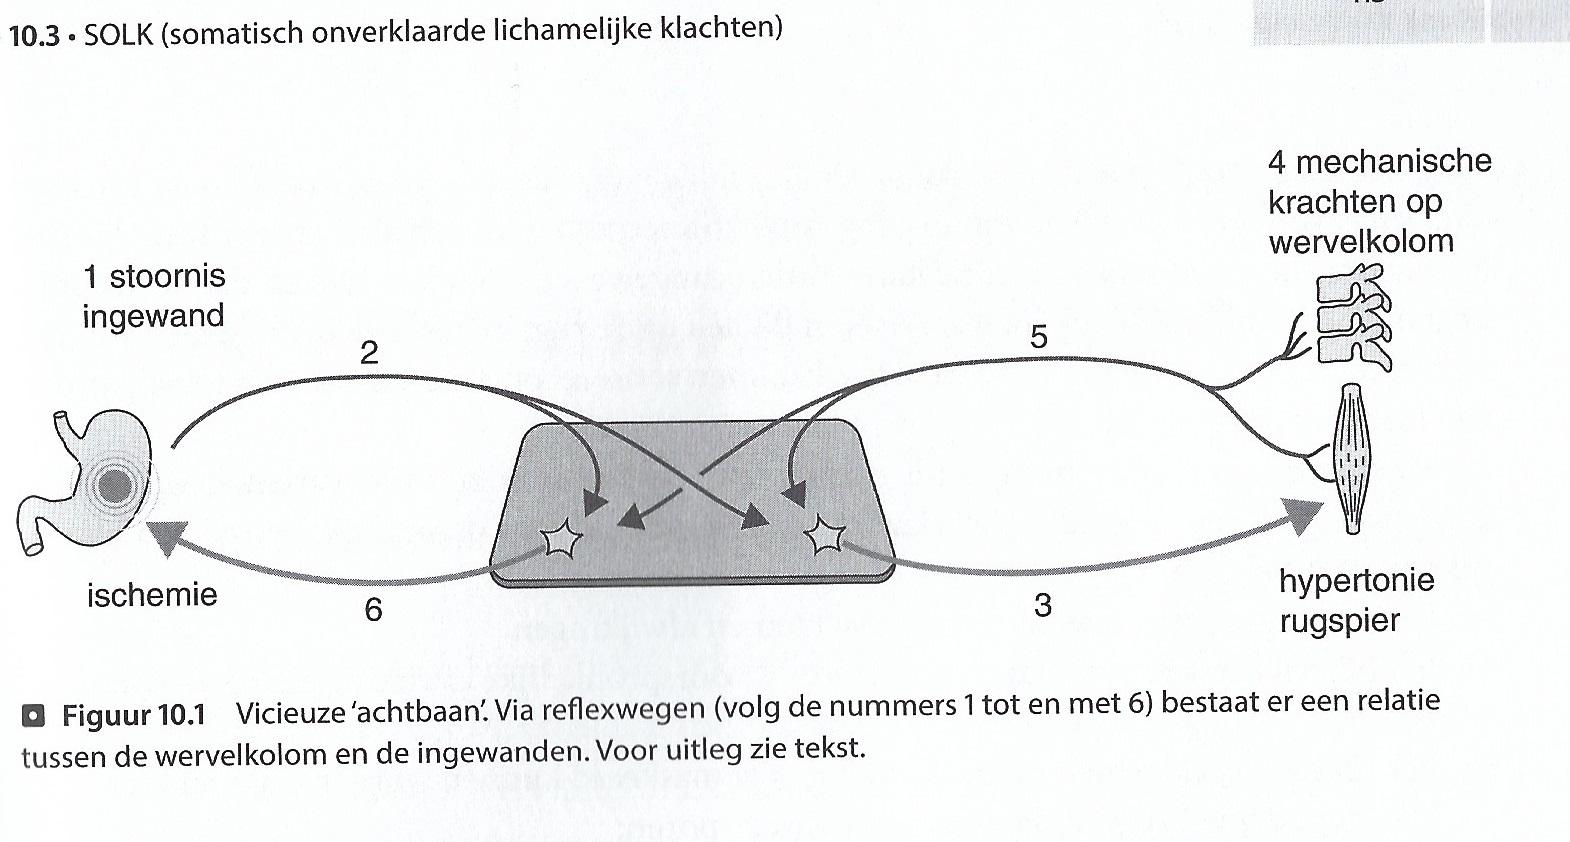 Kopie Boek: Segmentale verschijnselen. Ben van Cranenburgh. ISBN 978 90 368 0965 8